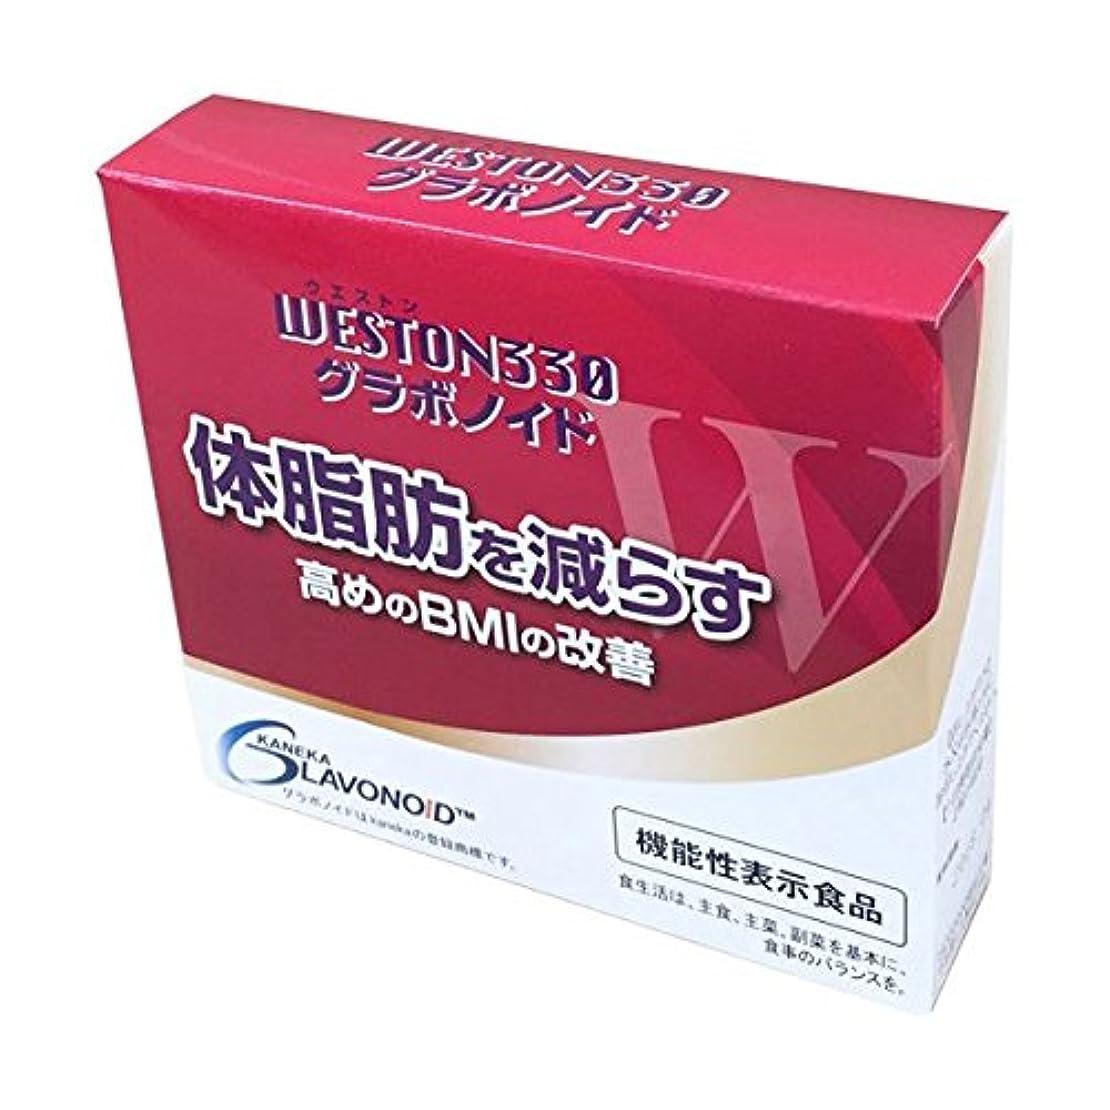 兵士反対するクラウドリマックスジャパン WESTON330 60粒 (30日分) x2箱 [機能性表示食品]